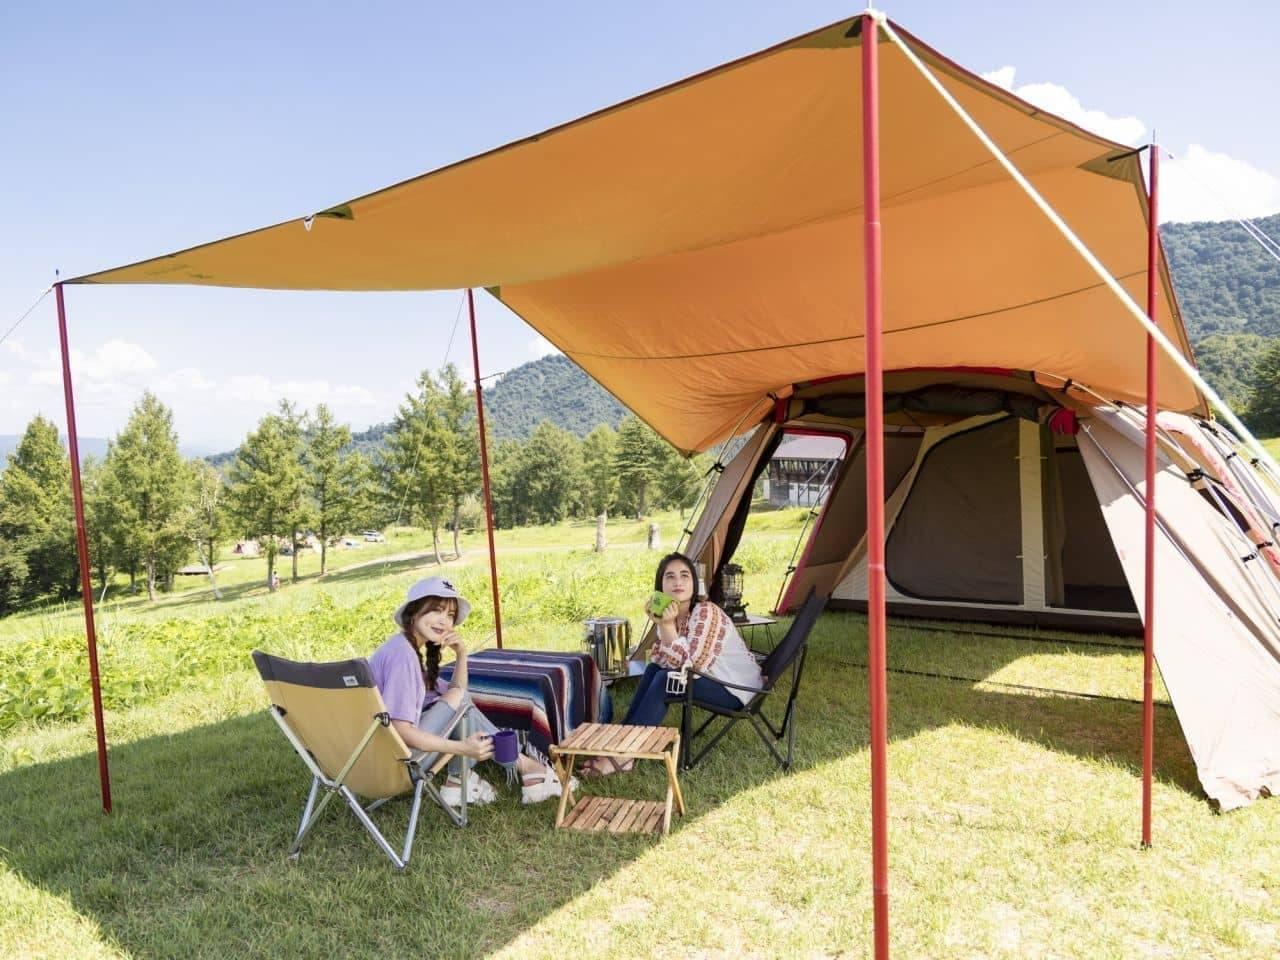 元ゴルフ場の天然芝を使ったキャンプ場「舞子高原オートキャンプ場」今年度は4月24日に営業開始